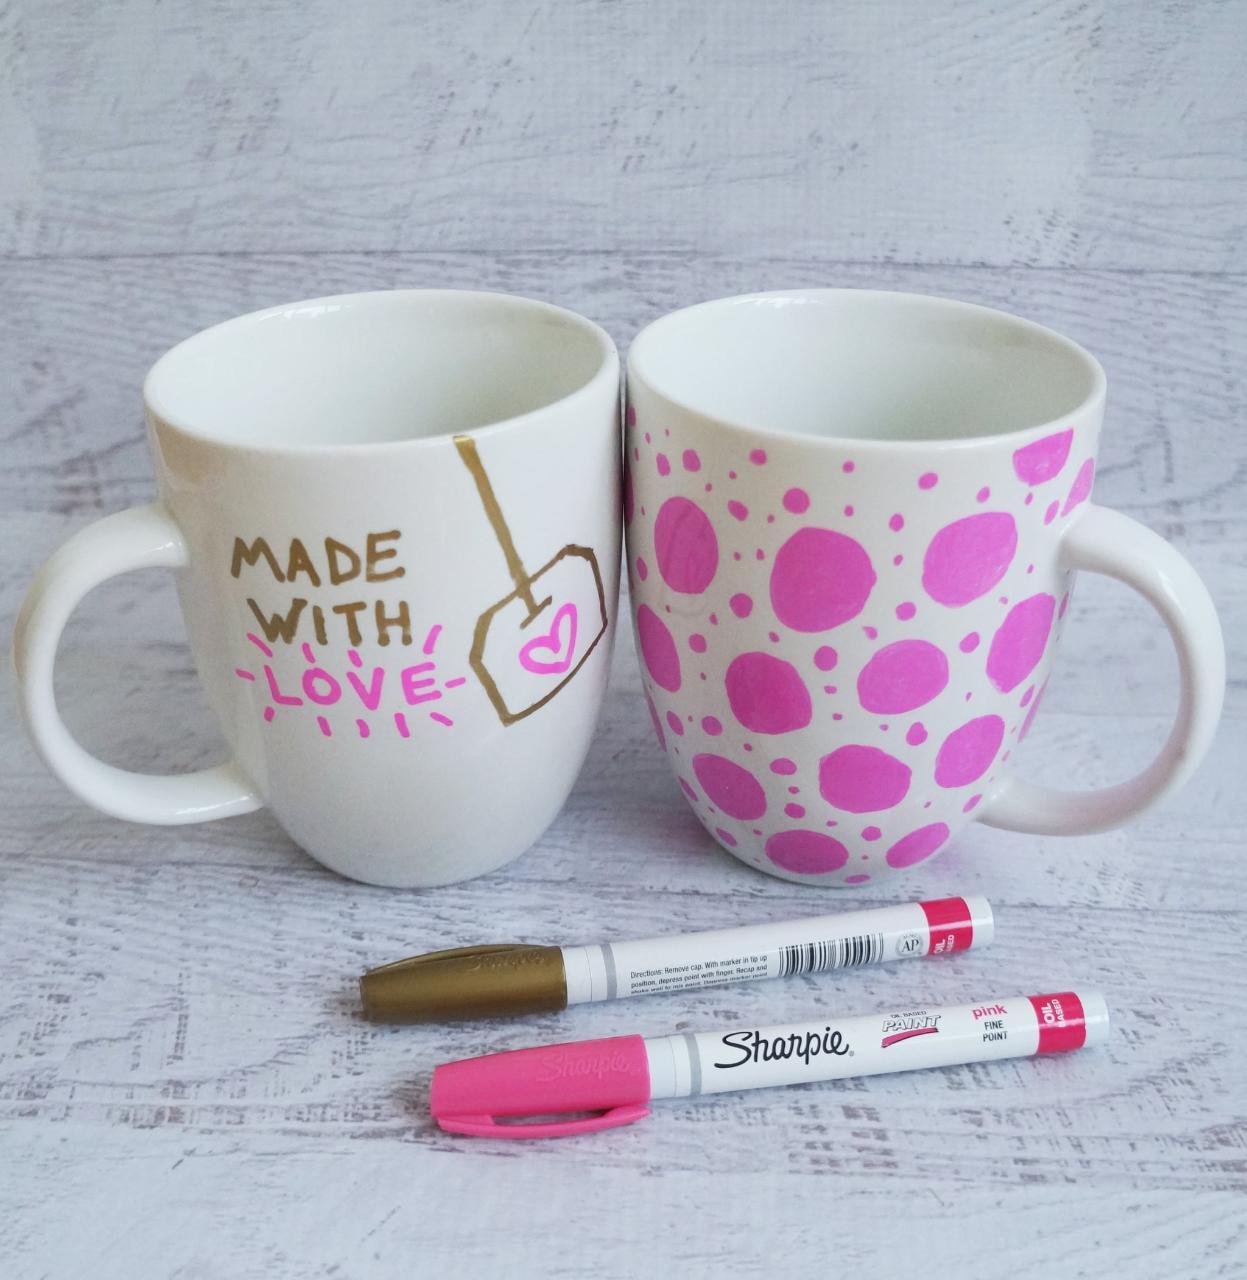 Mug Makeover Workshop ($) - Location: Poolside Cafe/Bar Area